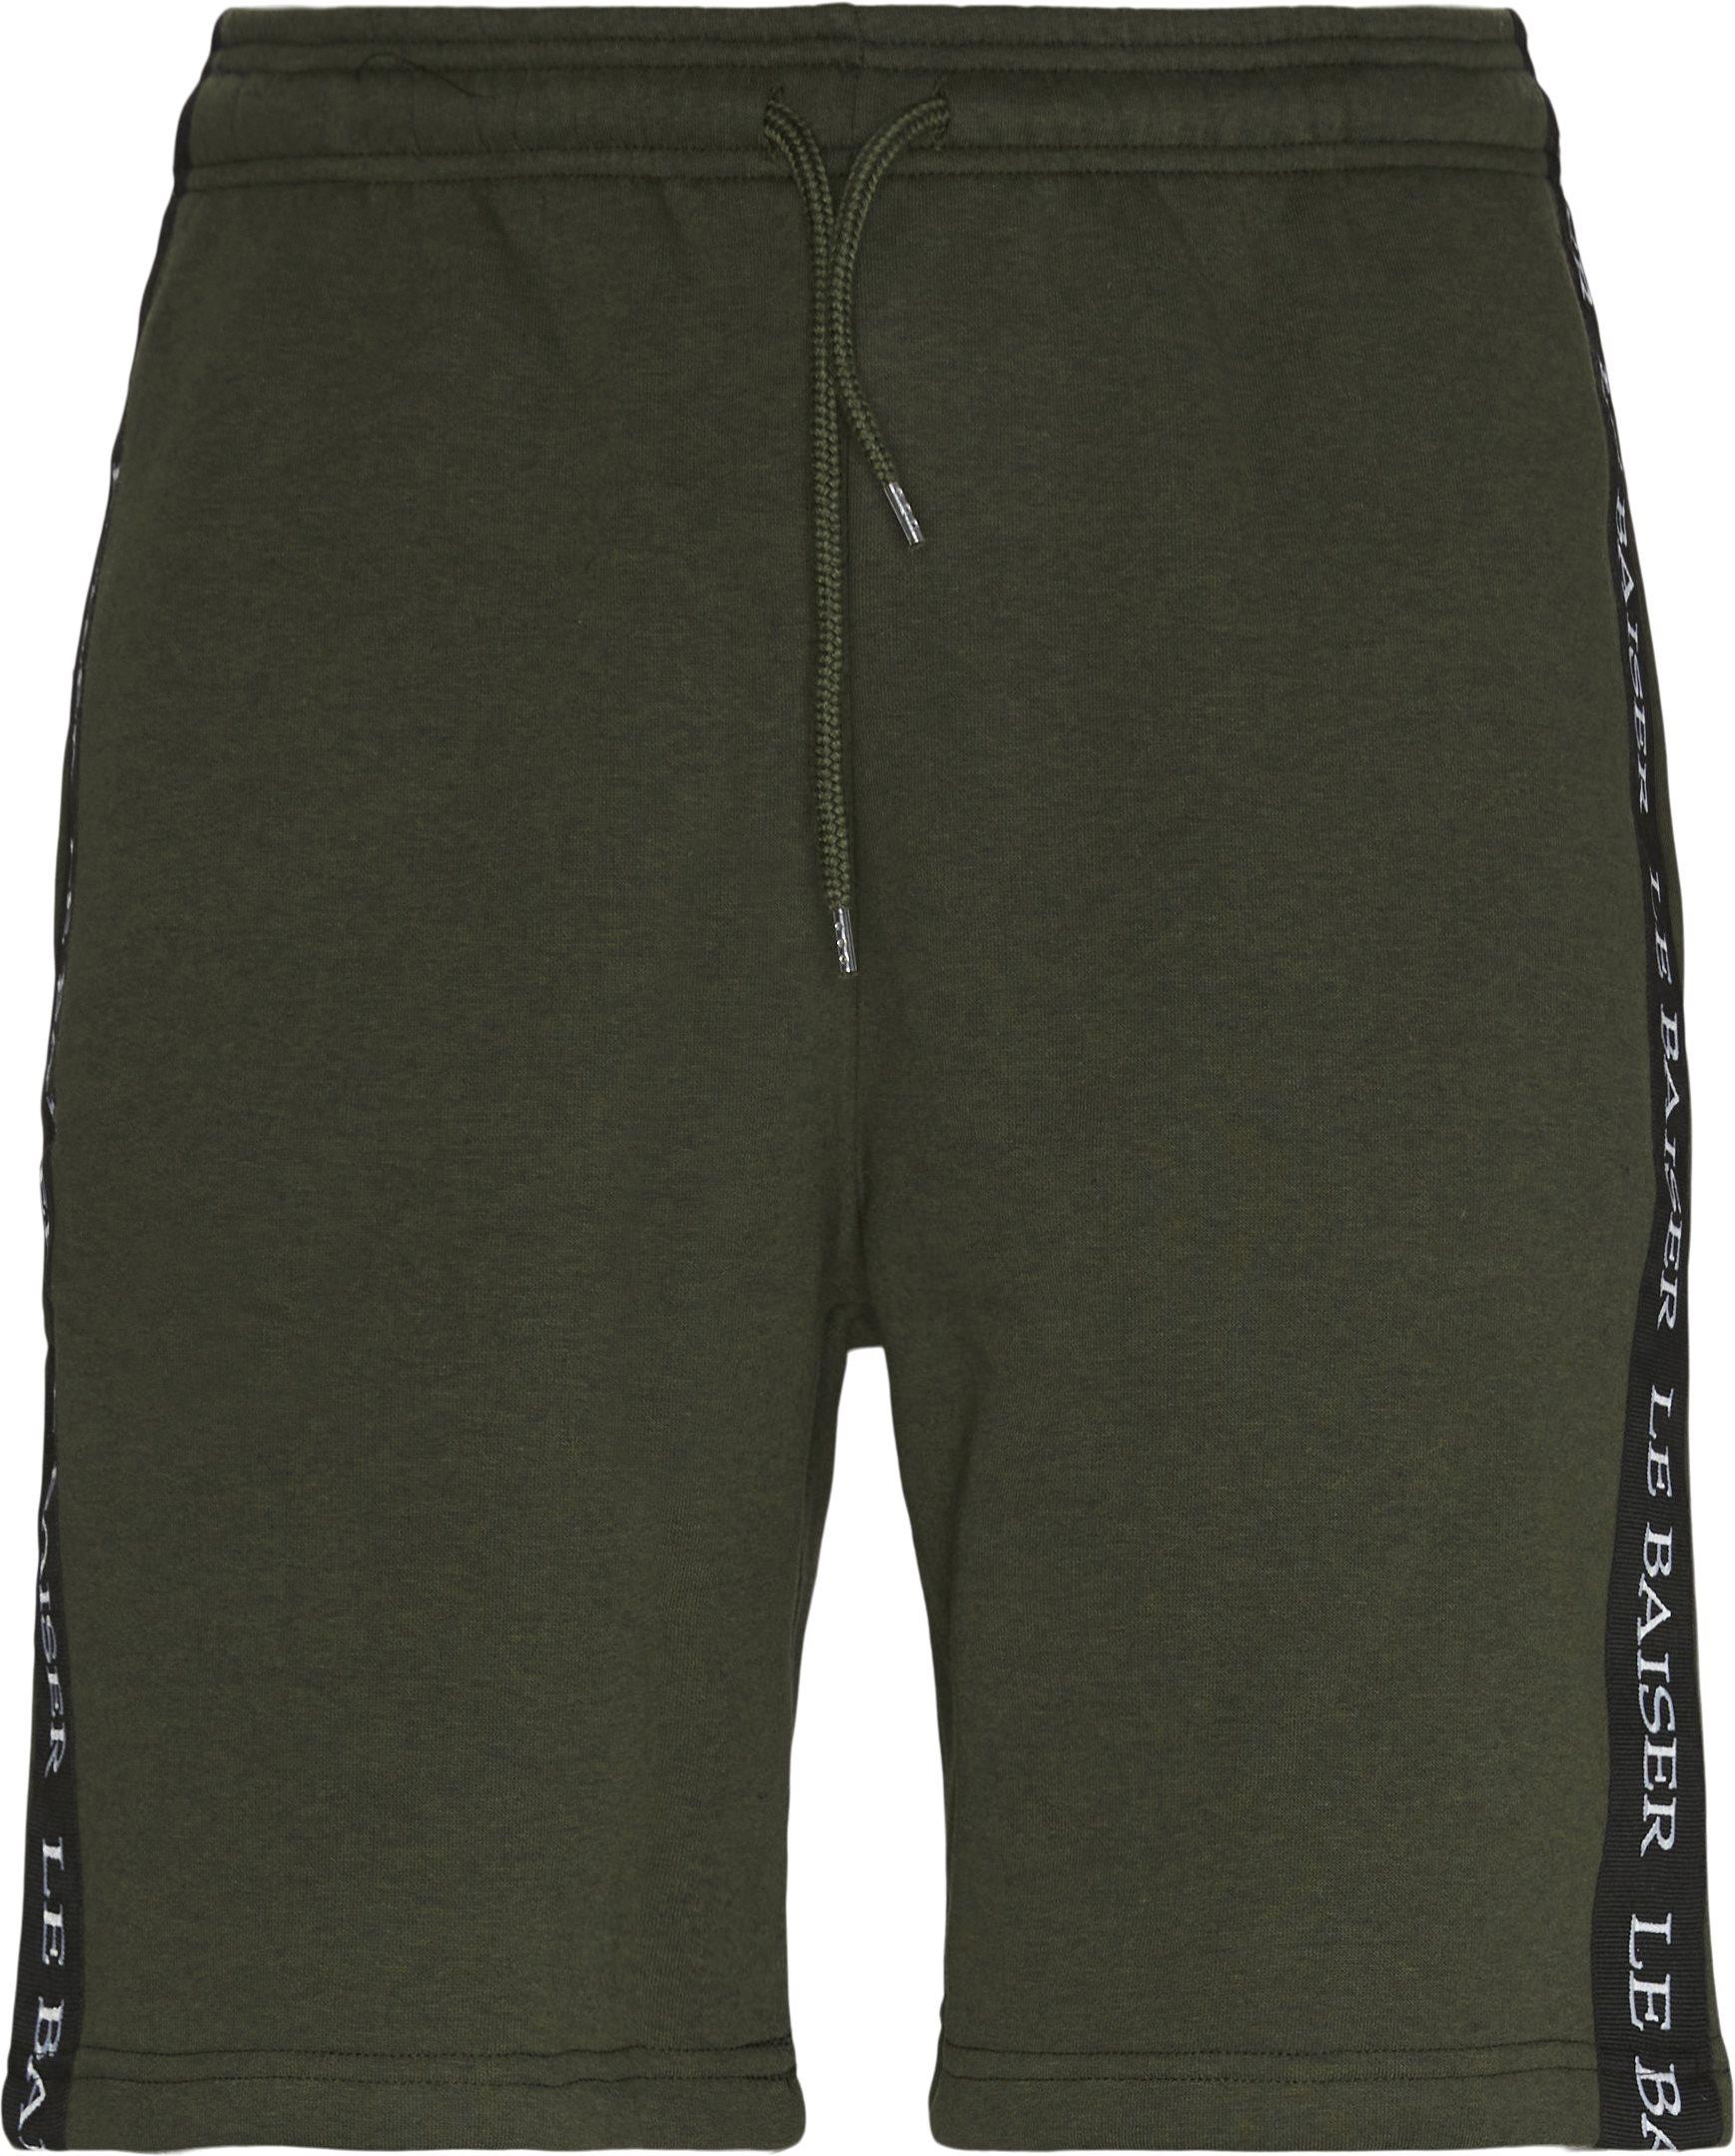 Babar Shorts - Shorts - Regular fit - Army